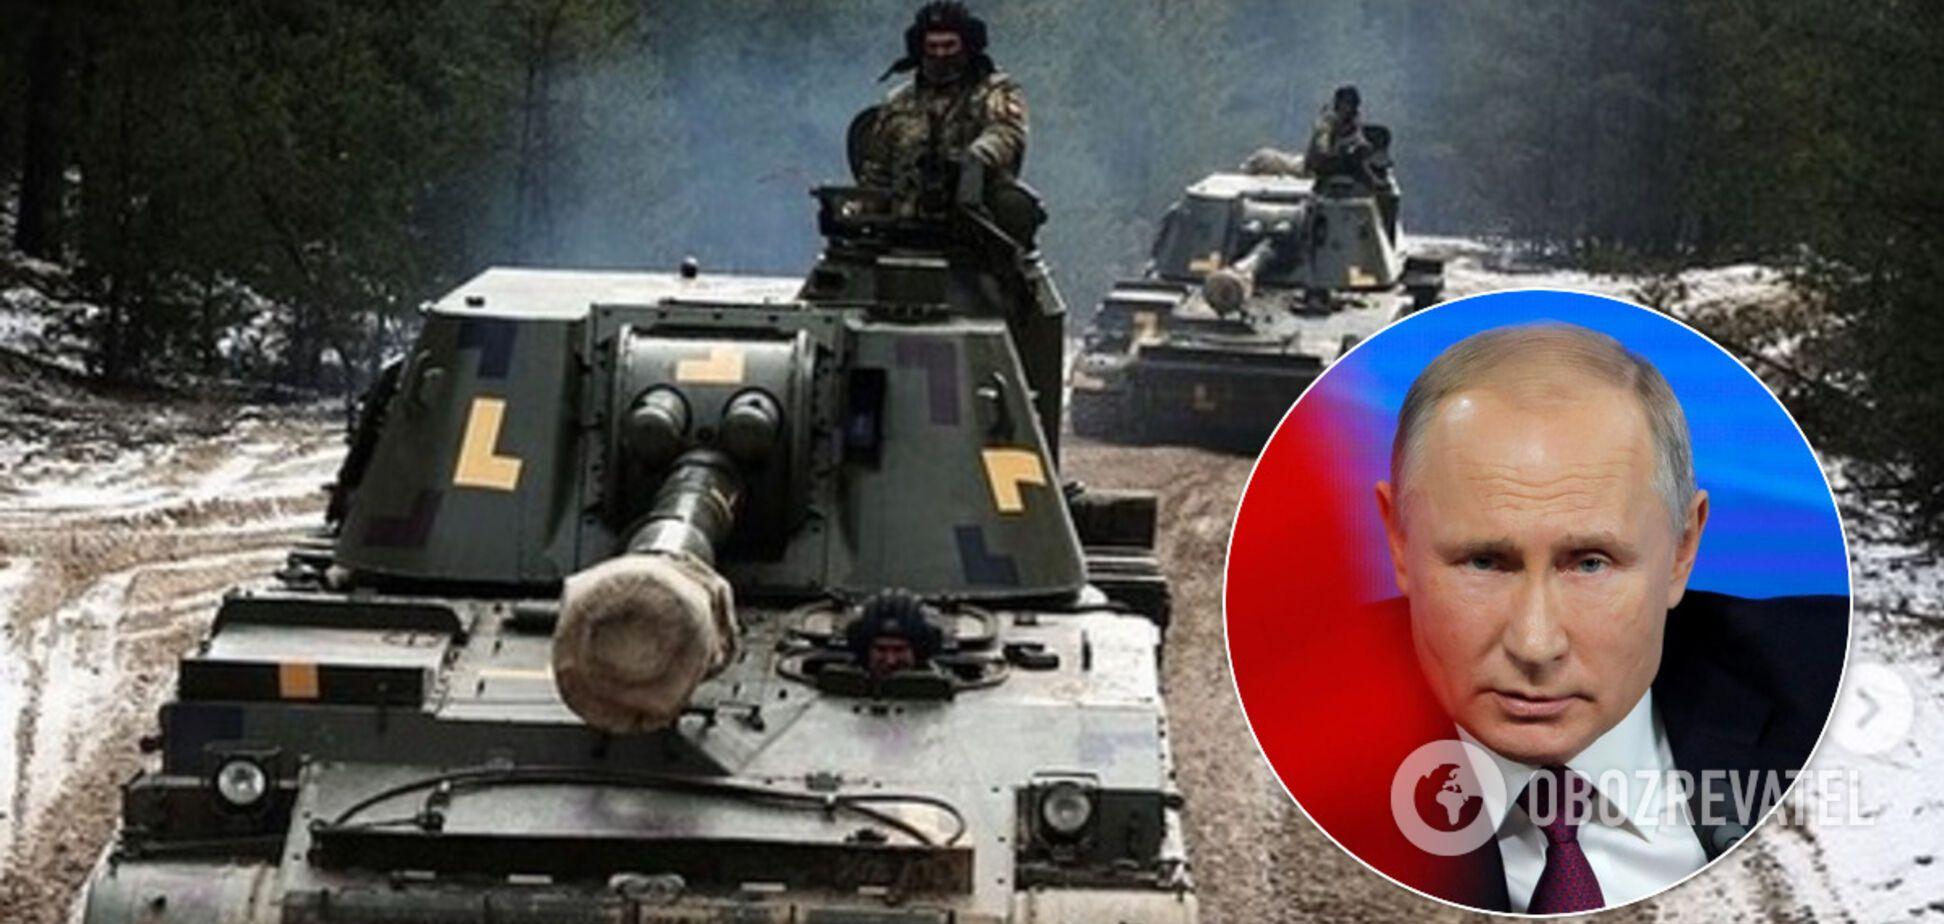 Кремль в военном угаре: Машовец пояснил наращивание сил РФ у границ Украины